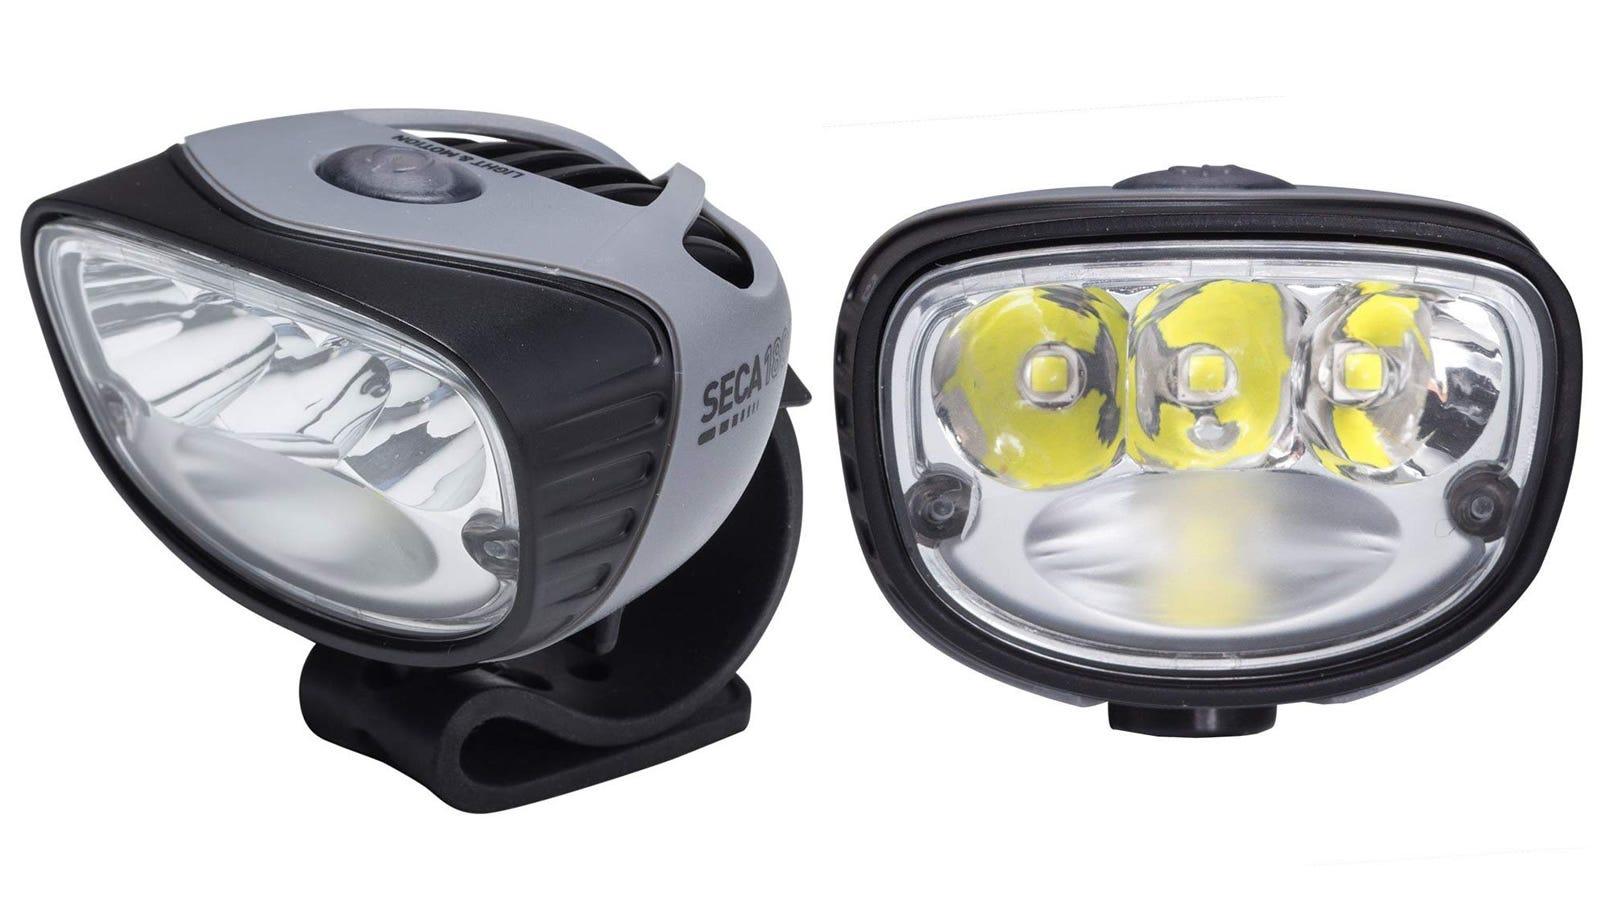 Two Light & Motion Seca 1800 bike lights.